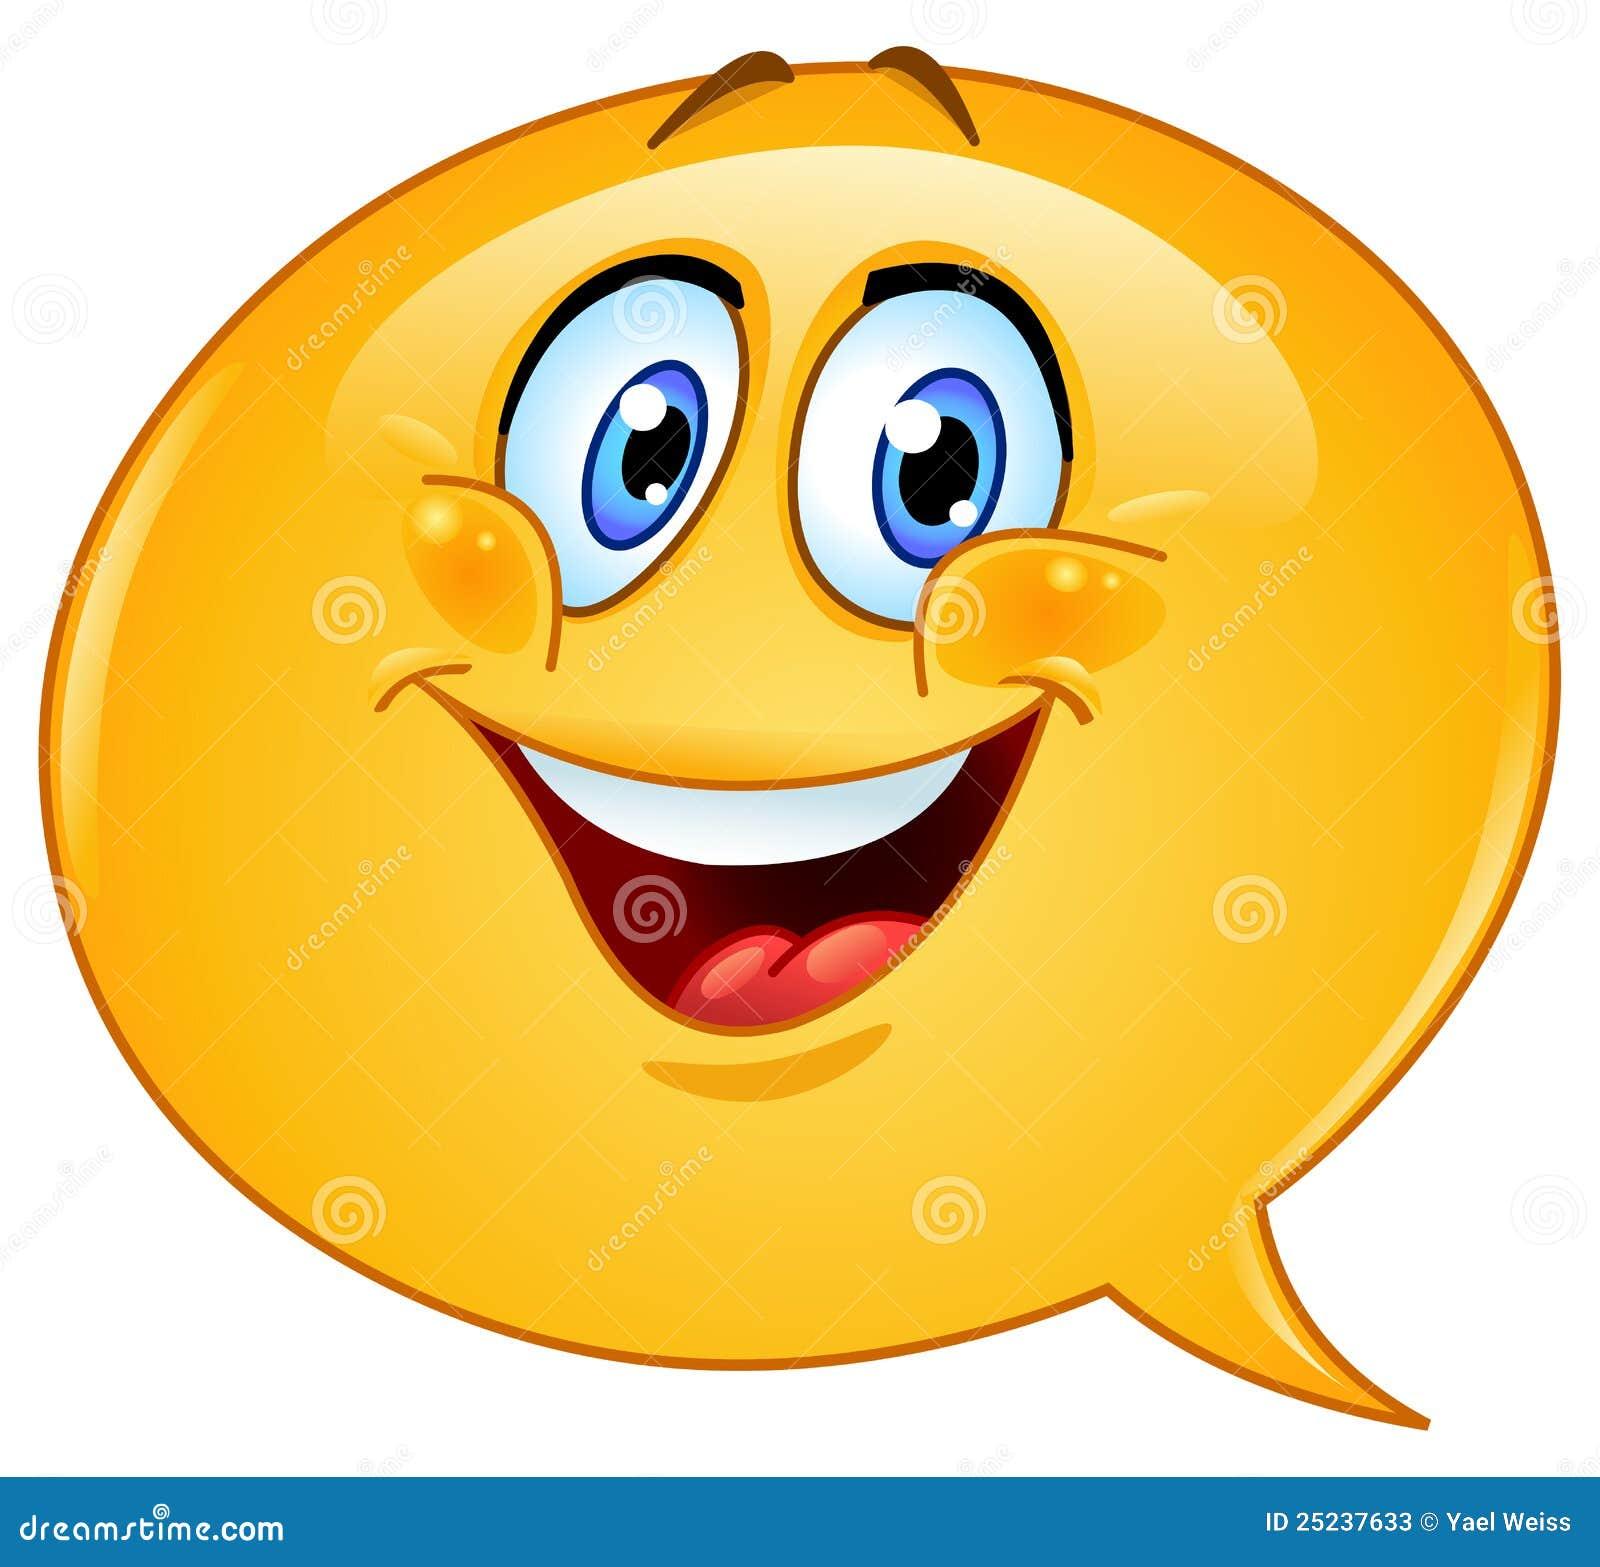 Speech Bubble Emoticon Stock Photos - Image: 25237633